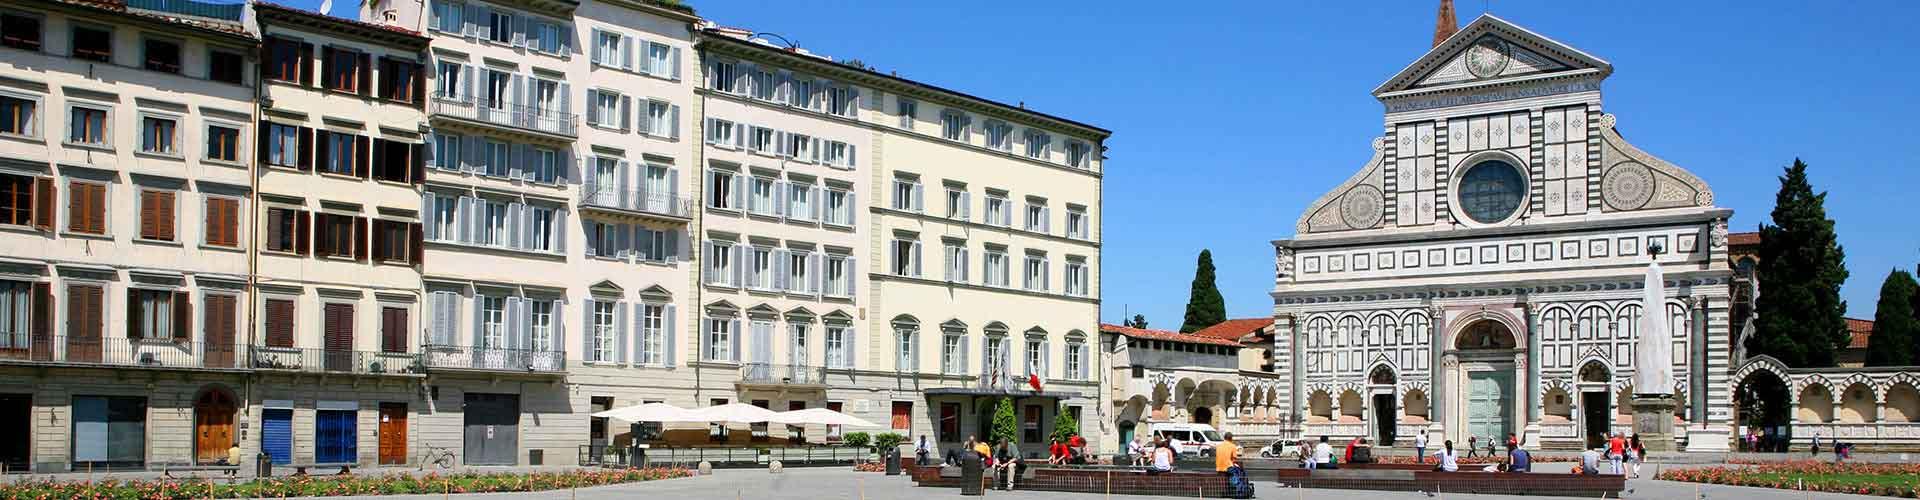 Florence - Auberges de jeunesse dans le quartier de Santa Maria Novella. Cartes pour Florence, photos et commentaires pour chaque auberge de jeunesse à Florence.